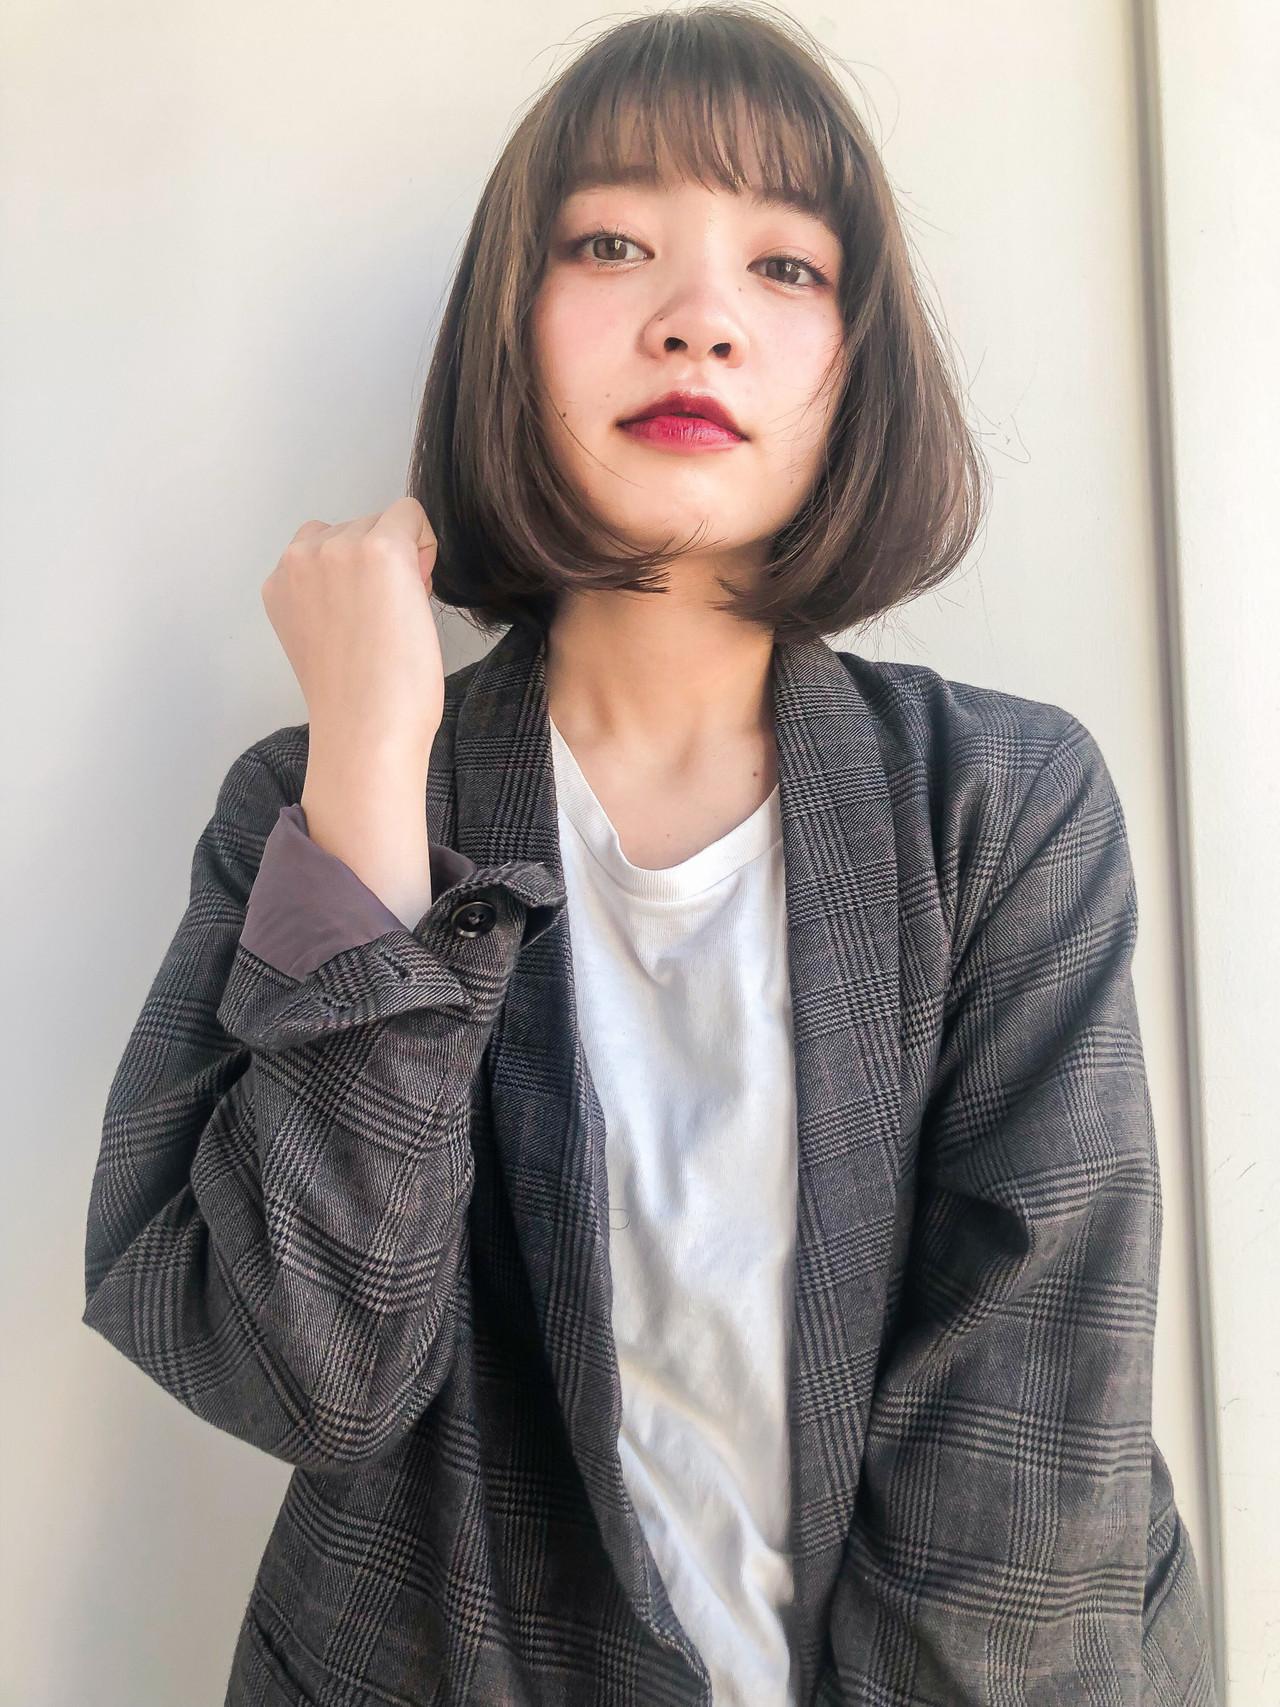 タンバルモリ デート シースルーバング イルミナカラー ヘアスタイルや髪型の写真・画像